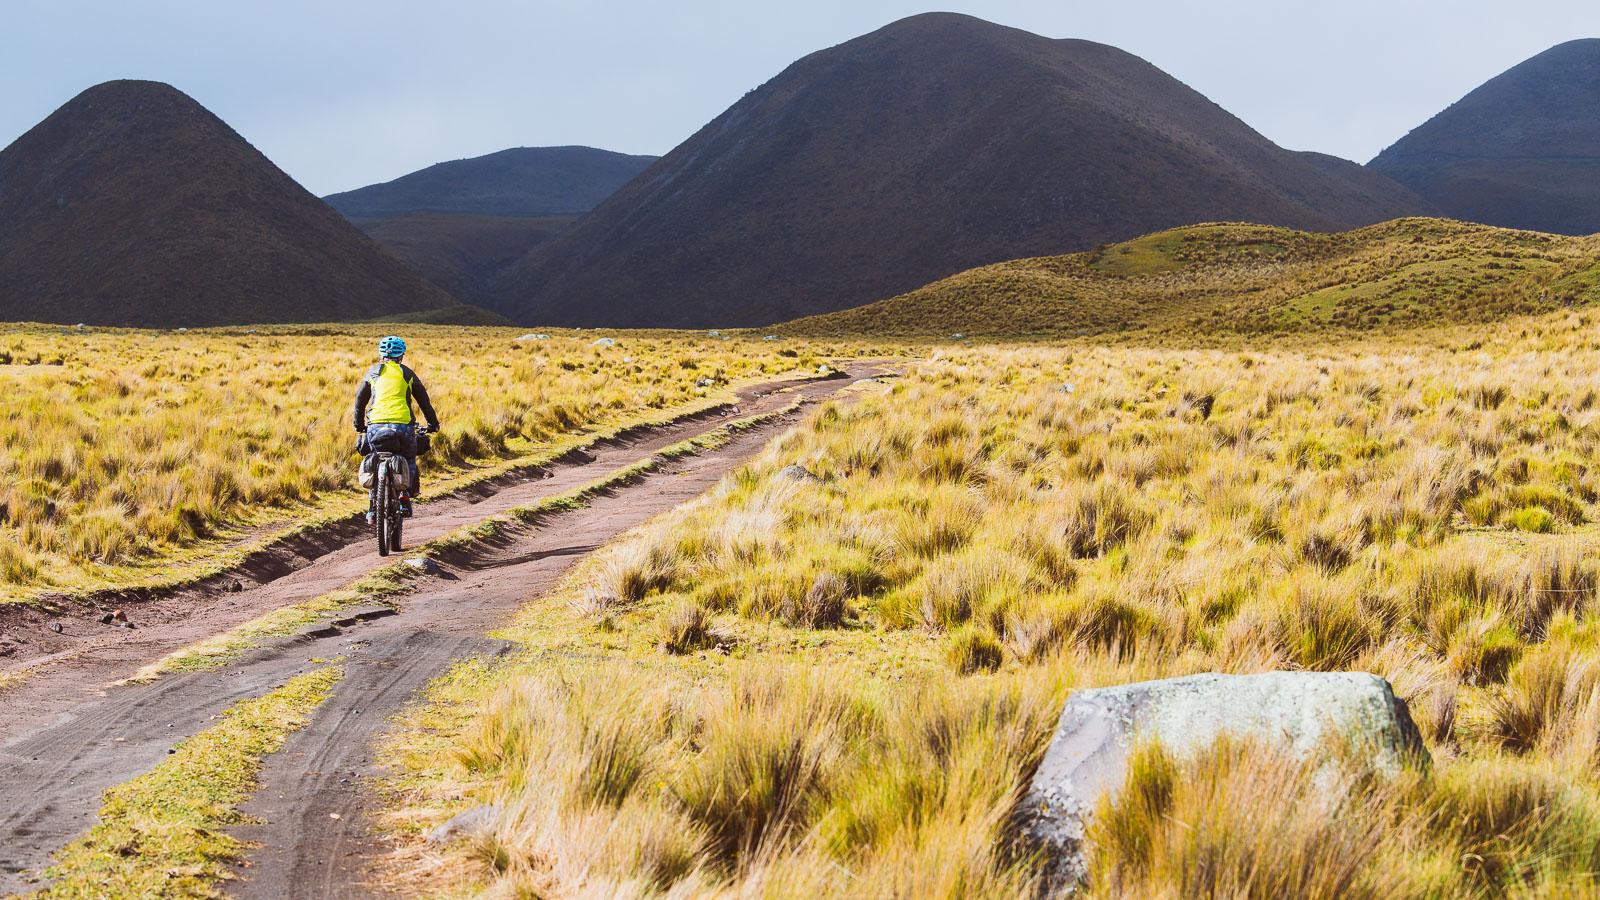 Ecuador: Otavalo – Lasso